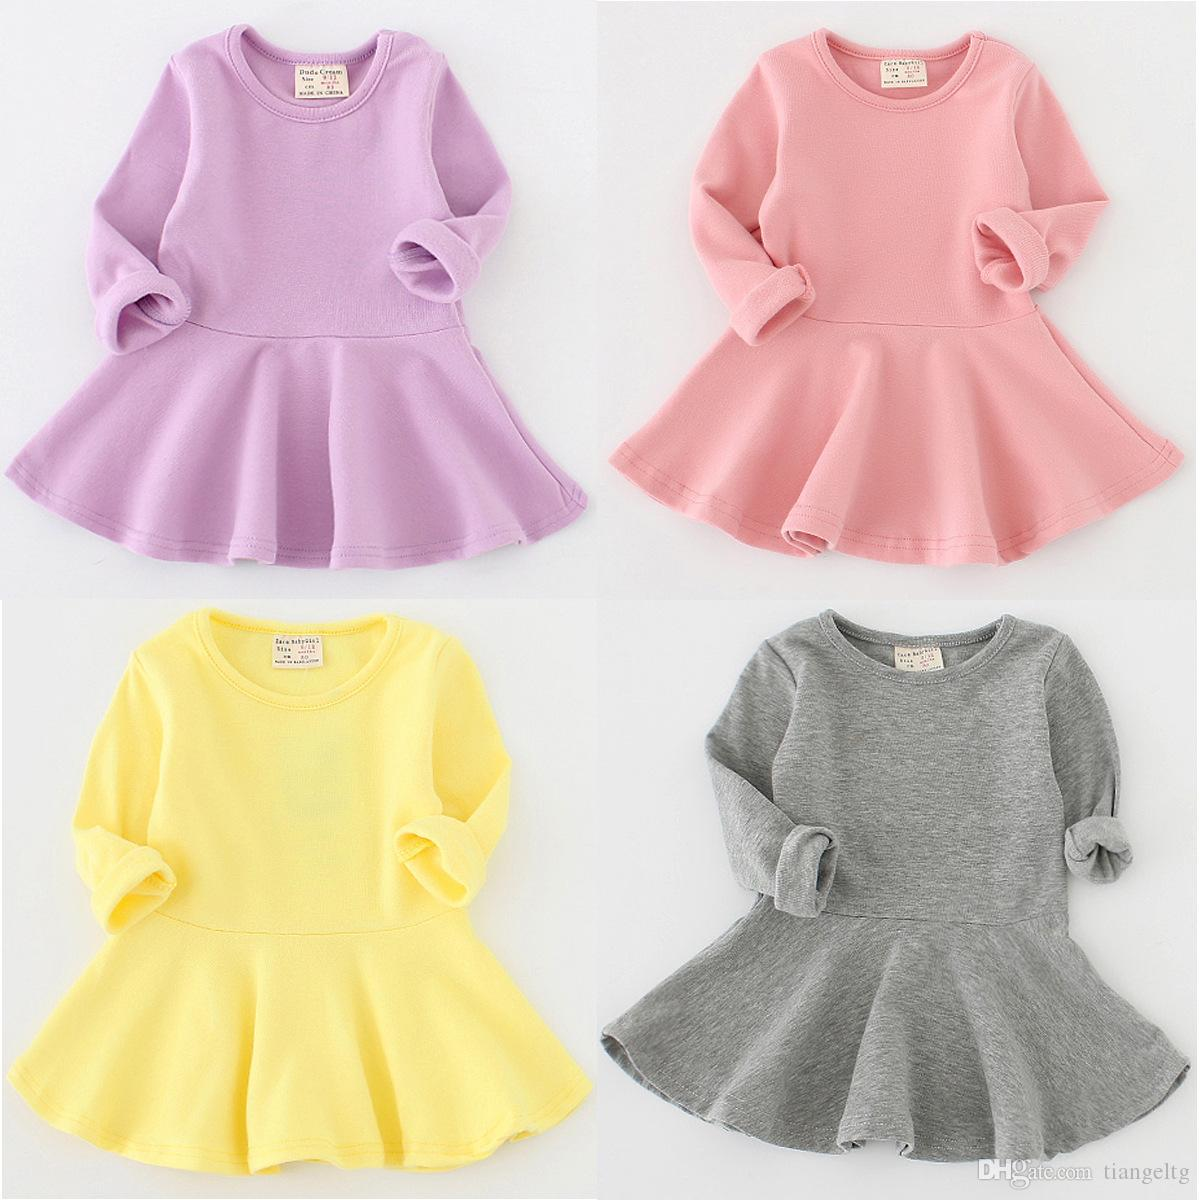 طفل الفتيات الصلبة اللباس 7 تصميم موجز الحلوى اللون طويل الأكمام القطن يتناسب اللباس الاطفال ملابس الفتيات ملابس 9M-2T 04